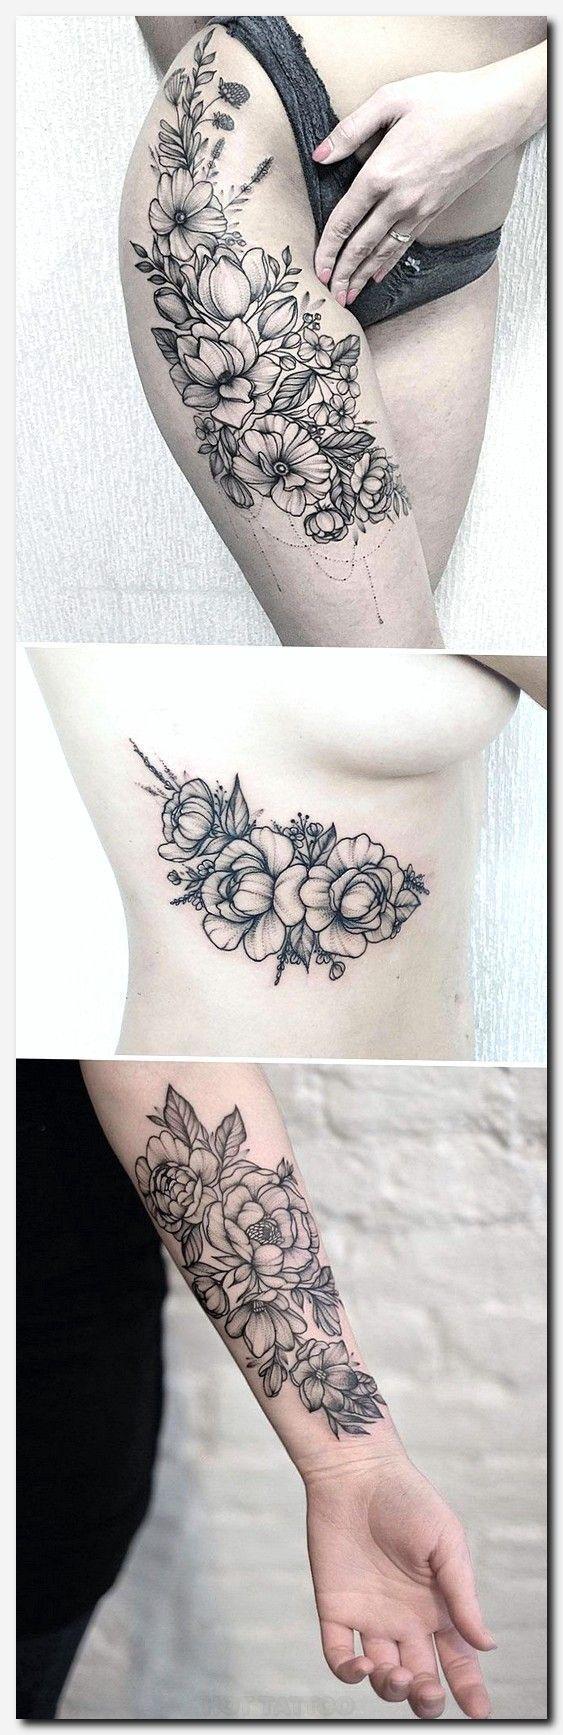 Tattooart tattoo poke tattoo tattoo half arm sleeves tattoo tummy